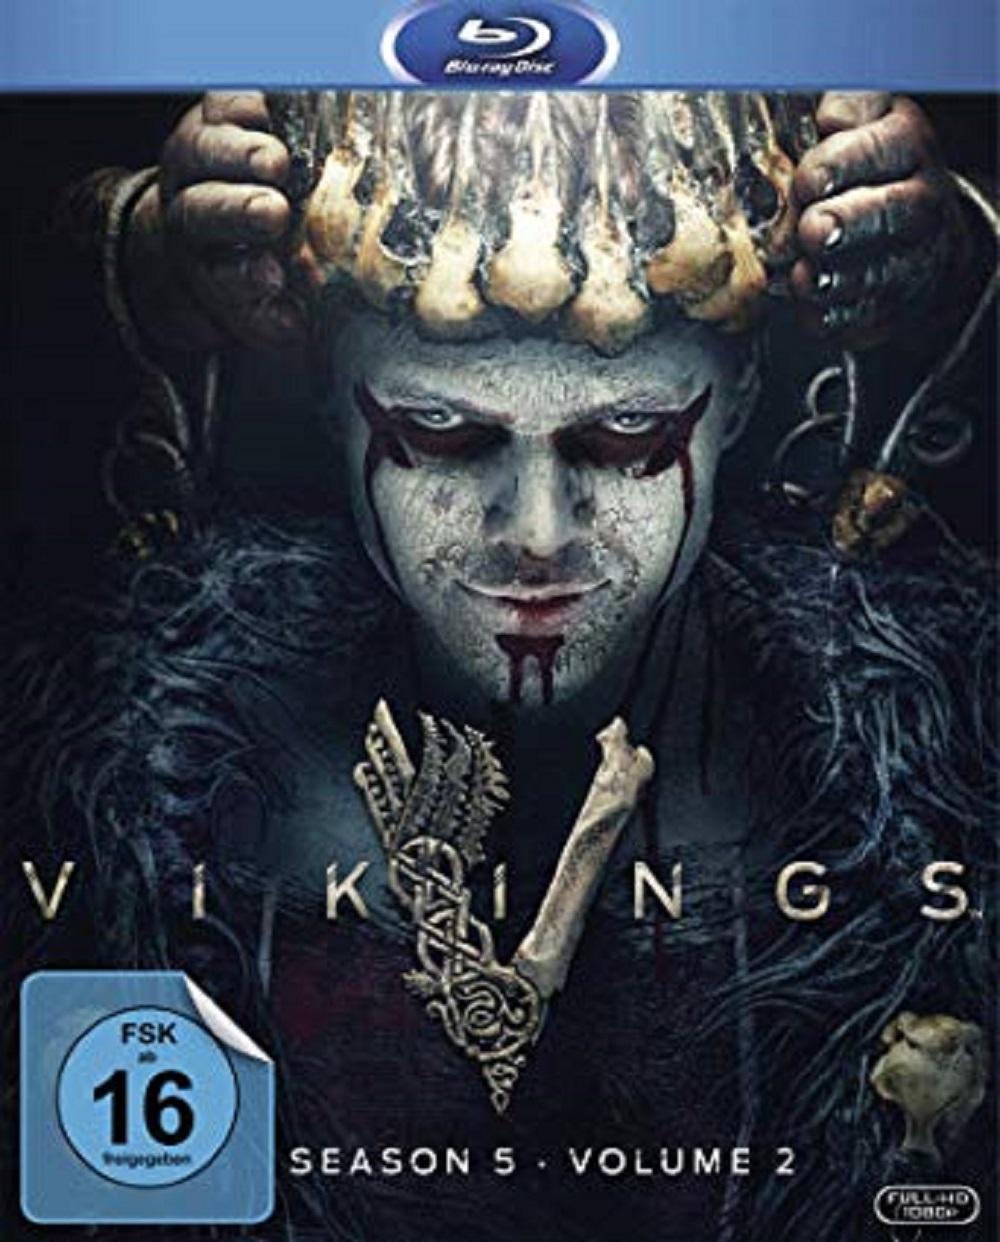 Vikings Staffel 5 Teil 2 Amazon